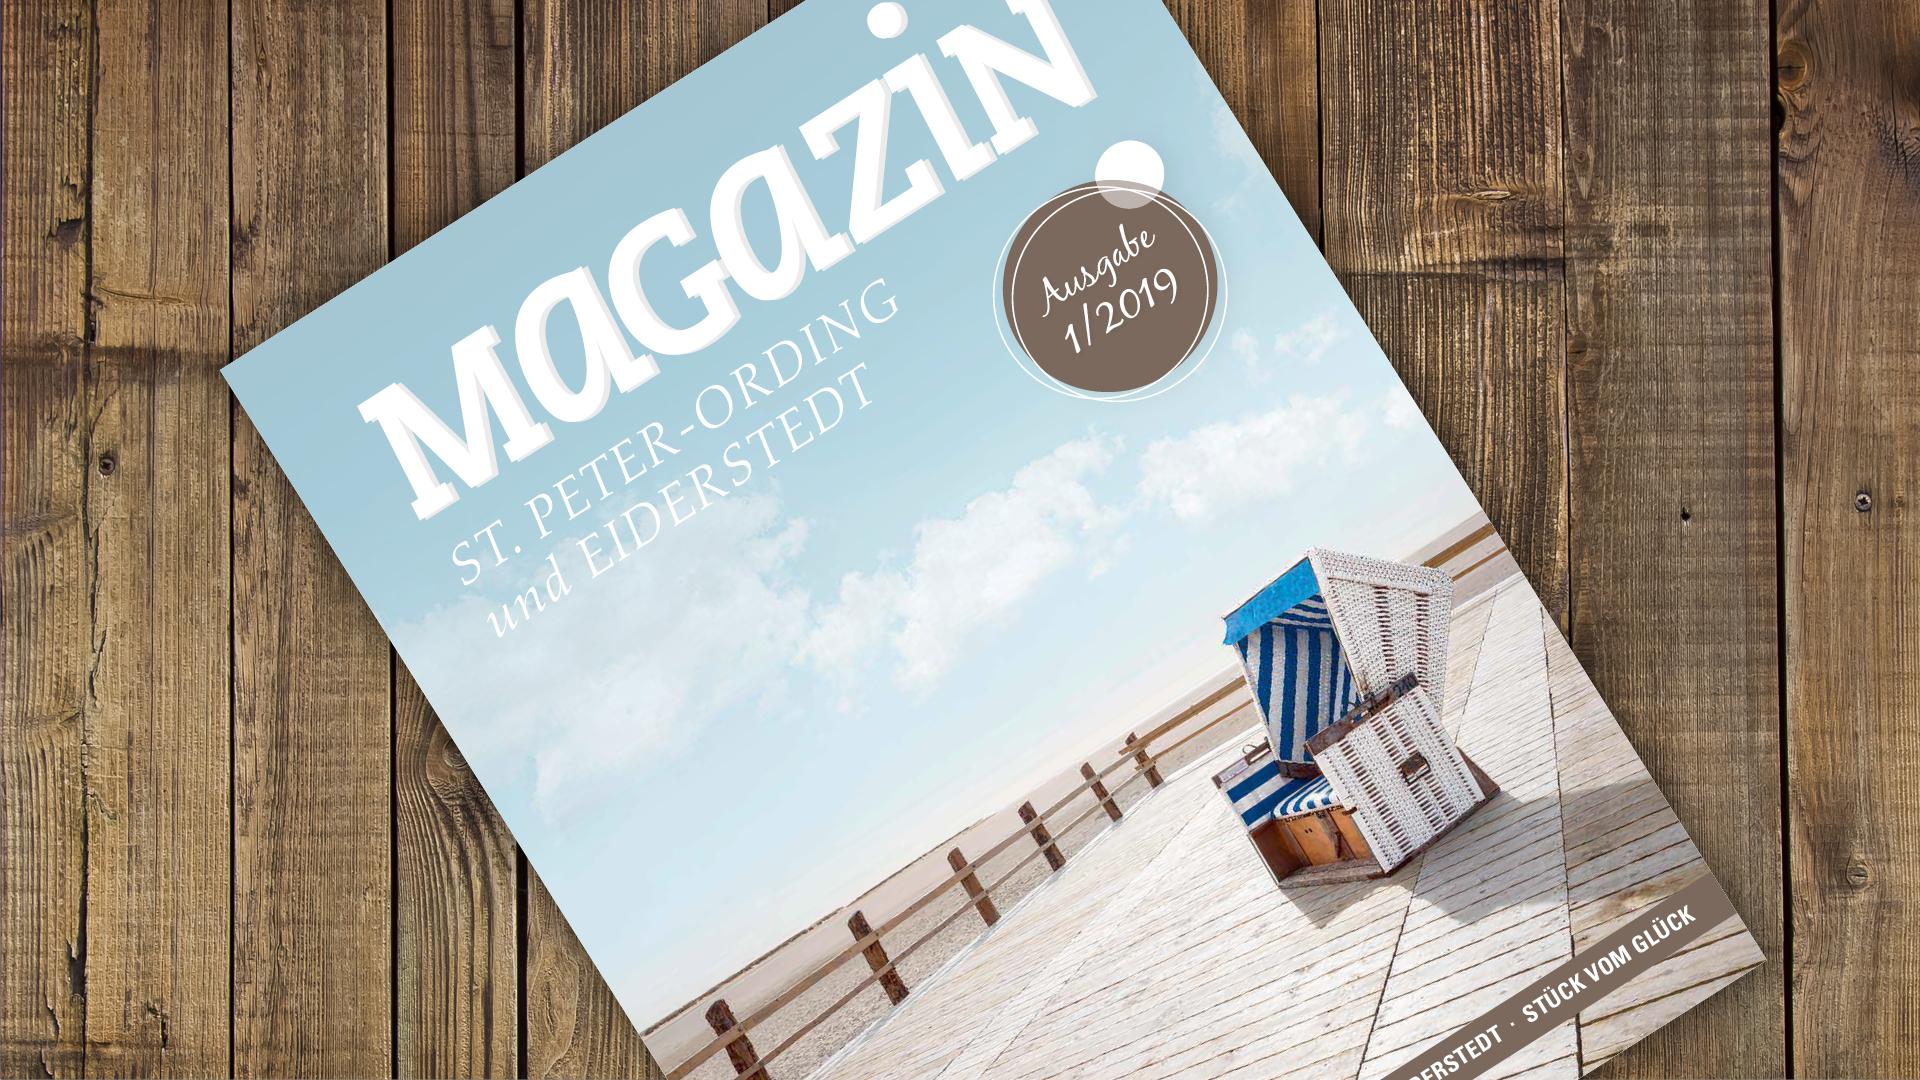 SPO_Magazin_2019_01.jpg